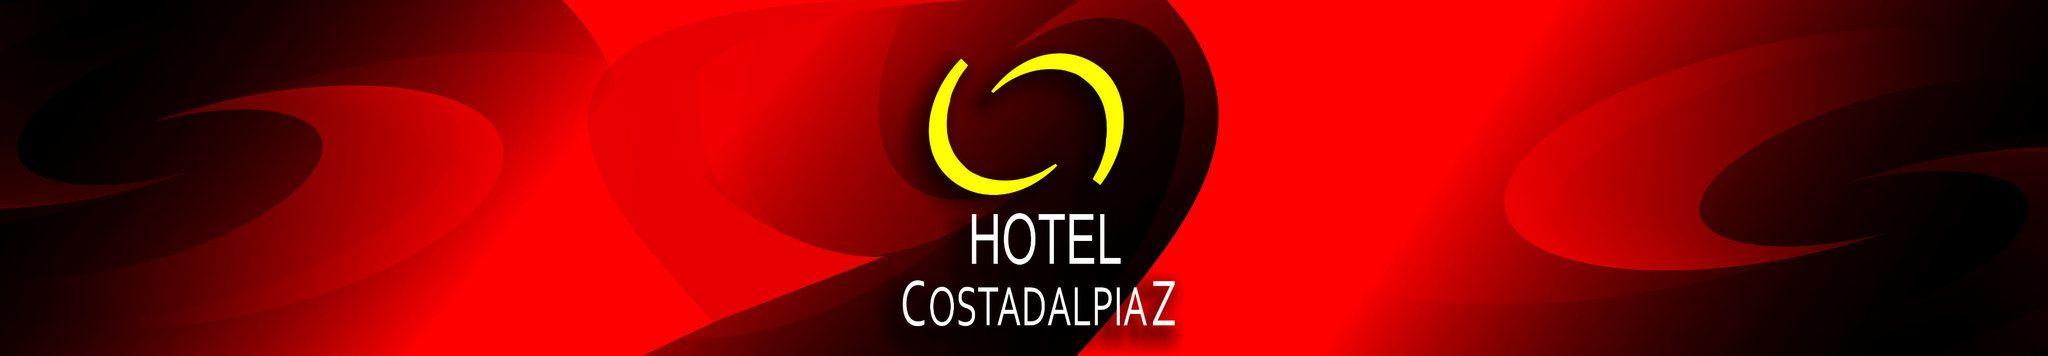 科斯塔道皮爾茲酒店